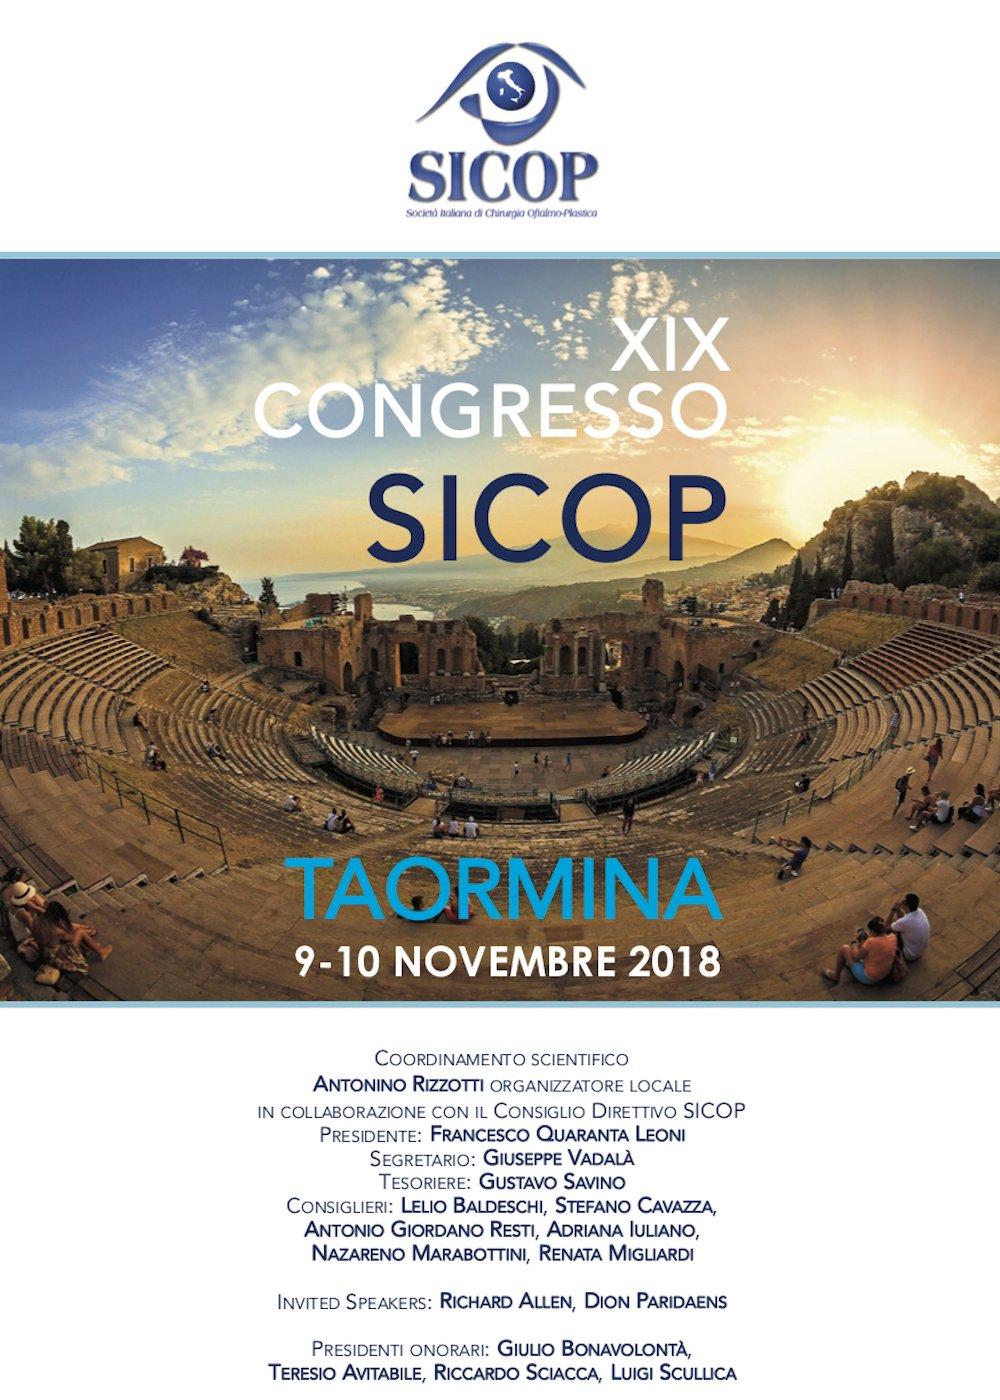 XIX CONGRESSO SICOP 3 - Dr. Renata Migliardi